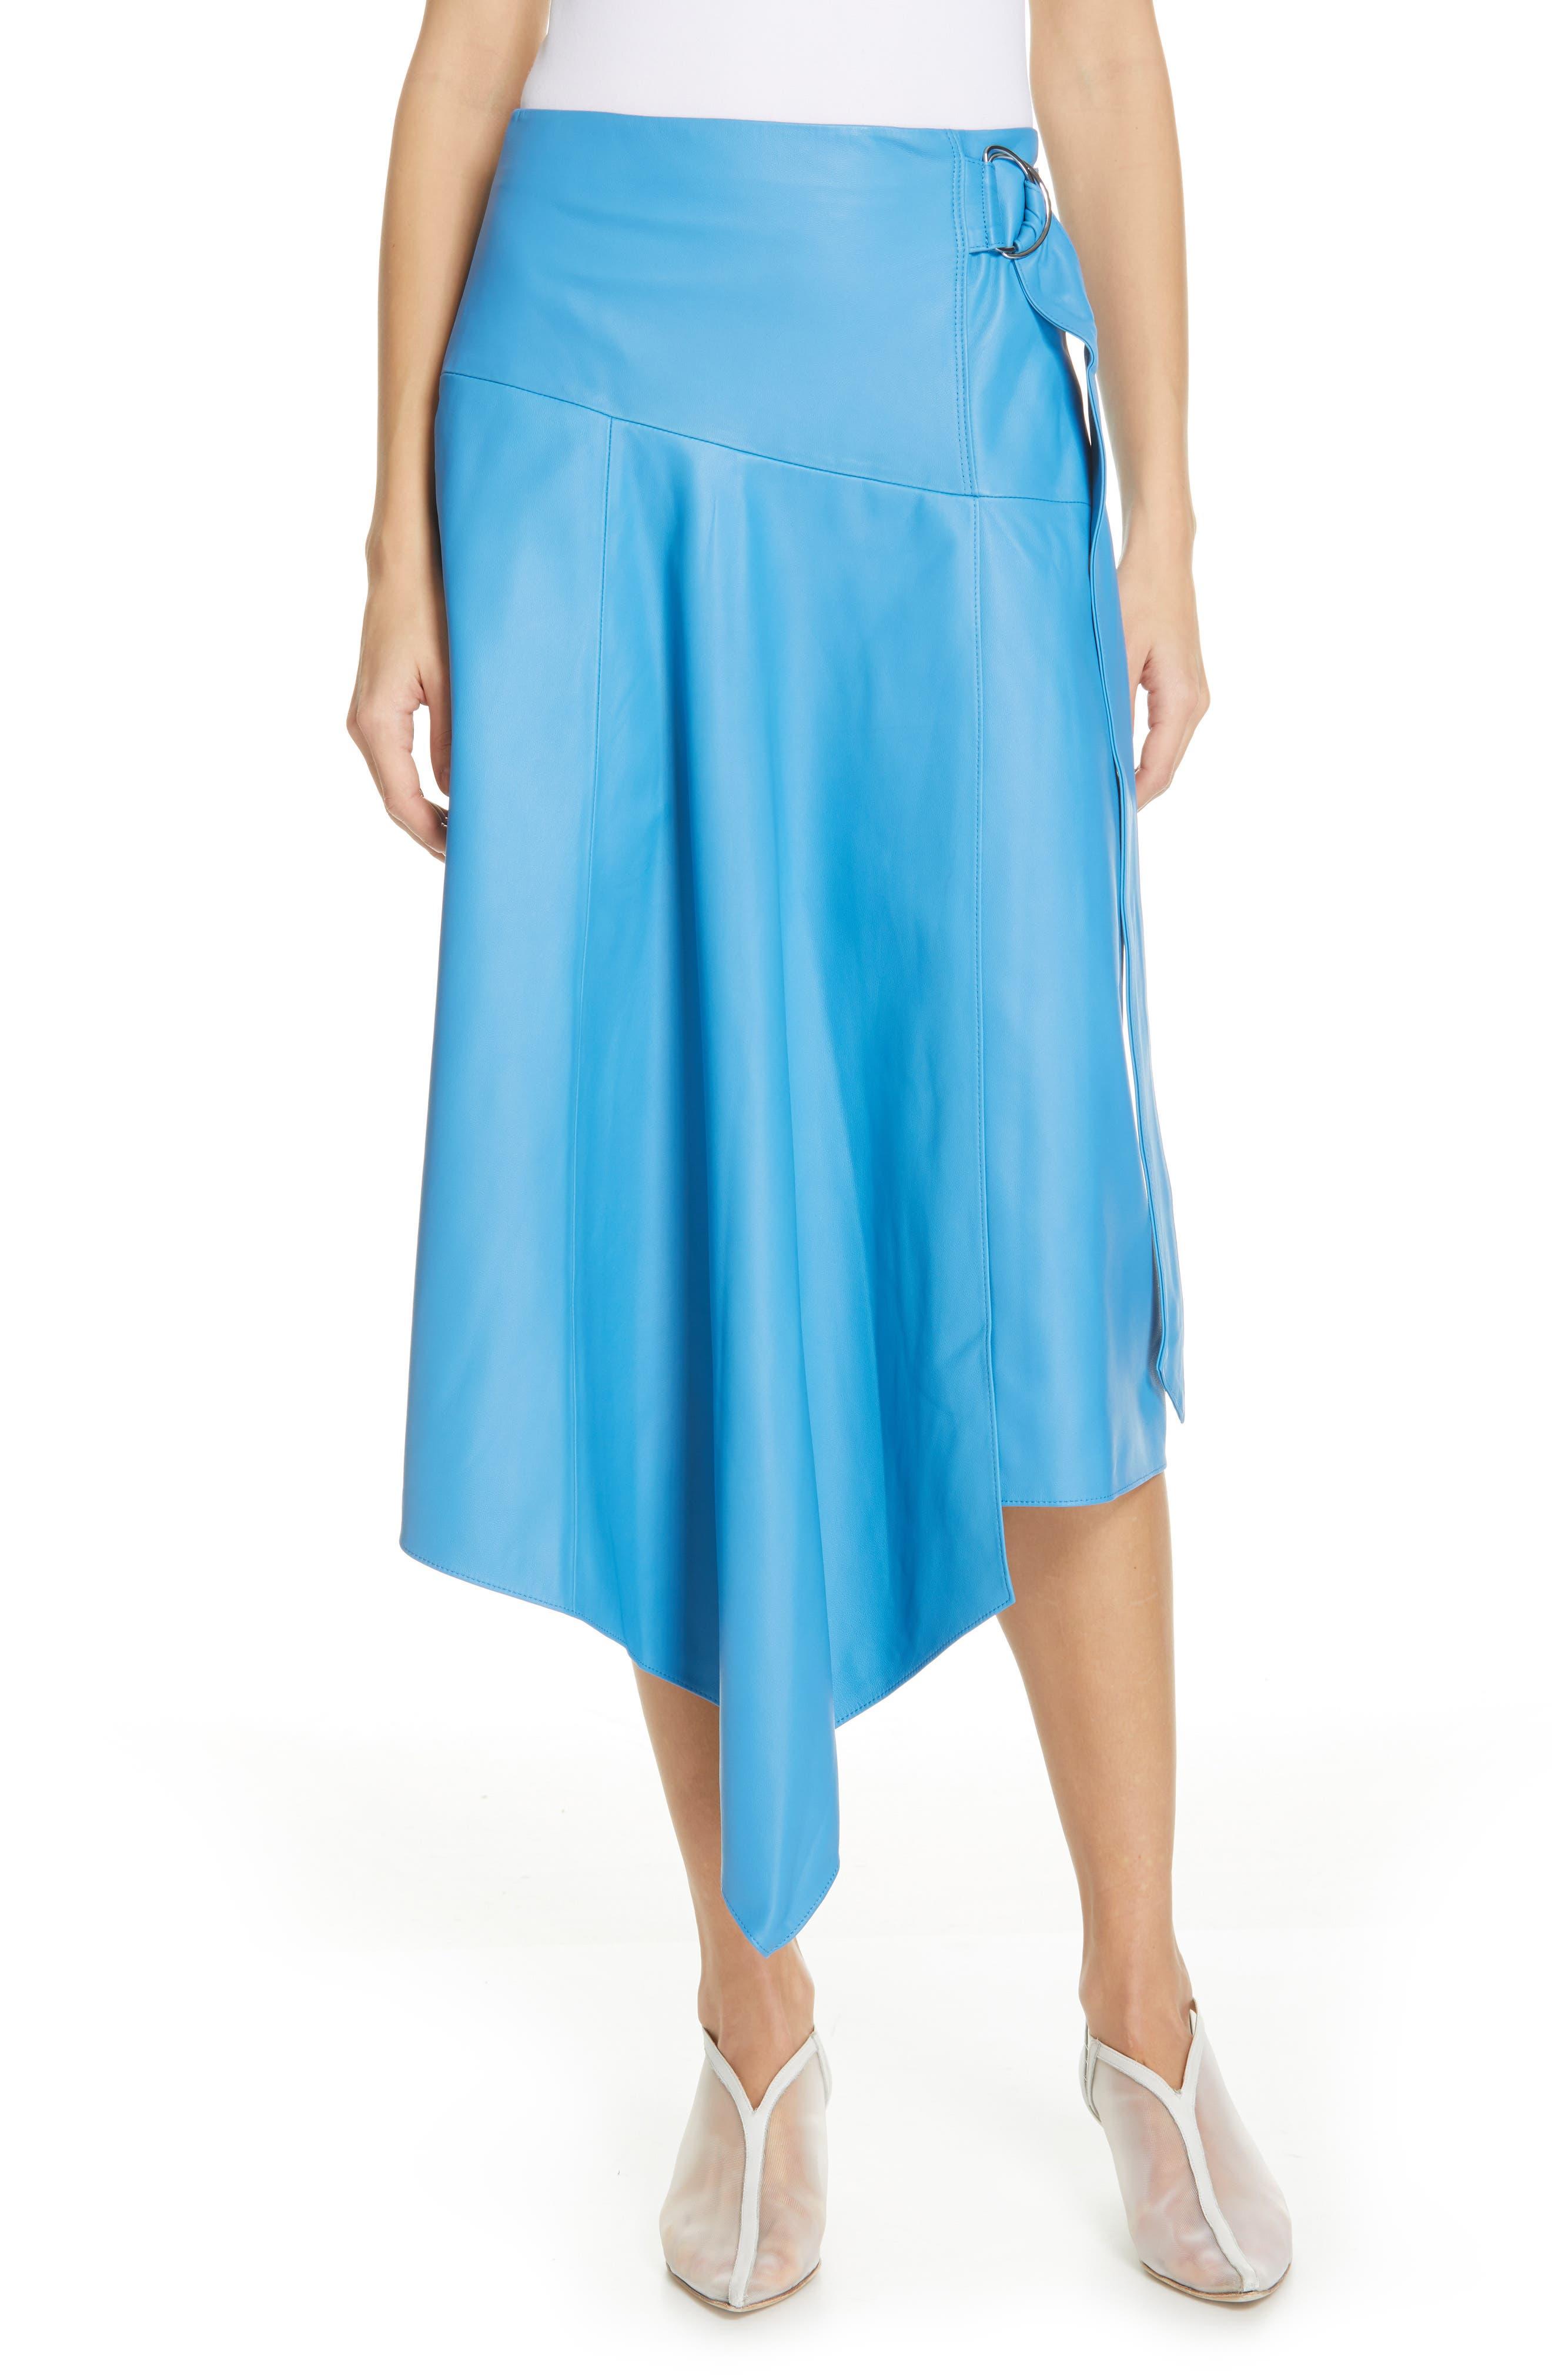 TIBI Asymmetrical Drape Tissue Leather Skirt, Main, color, OCEAN BLUE